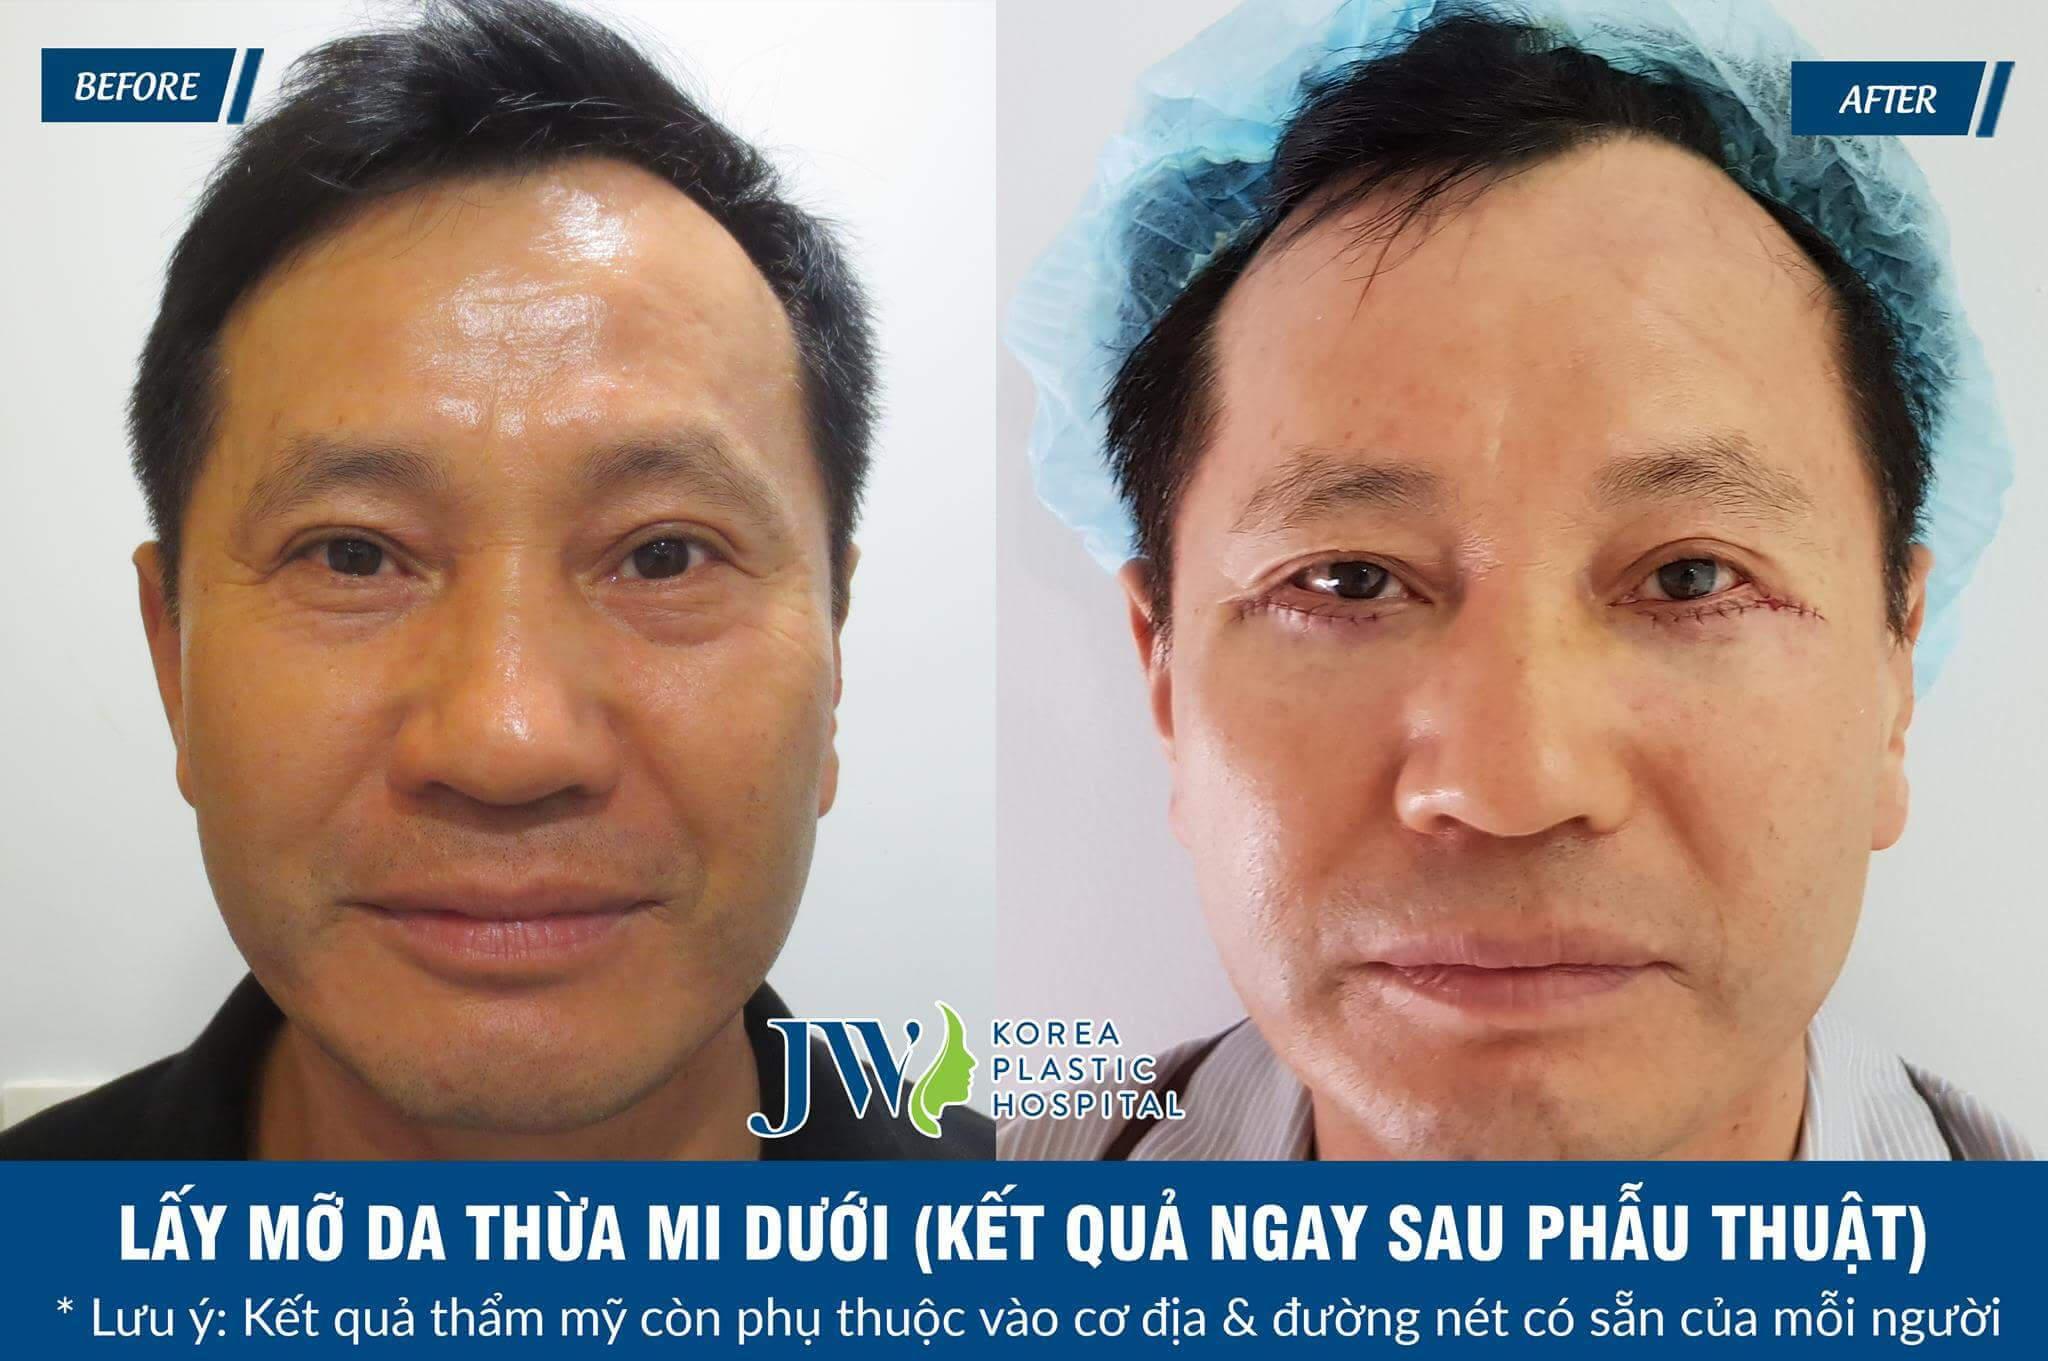 Lấy mỡ bọng mắt có đau không - 3 điều cẩn trọng tránh biến chứng - Ảnh 7